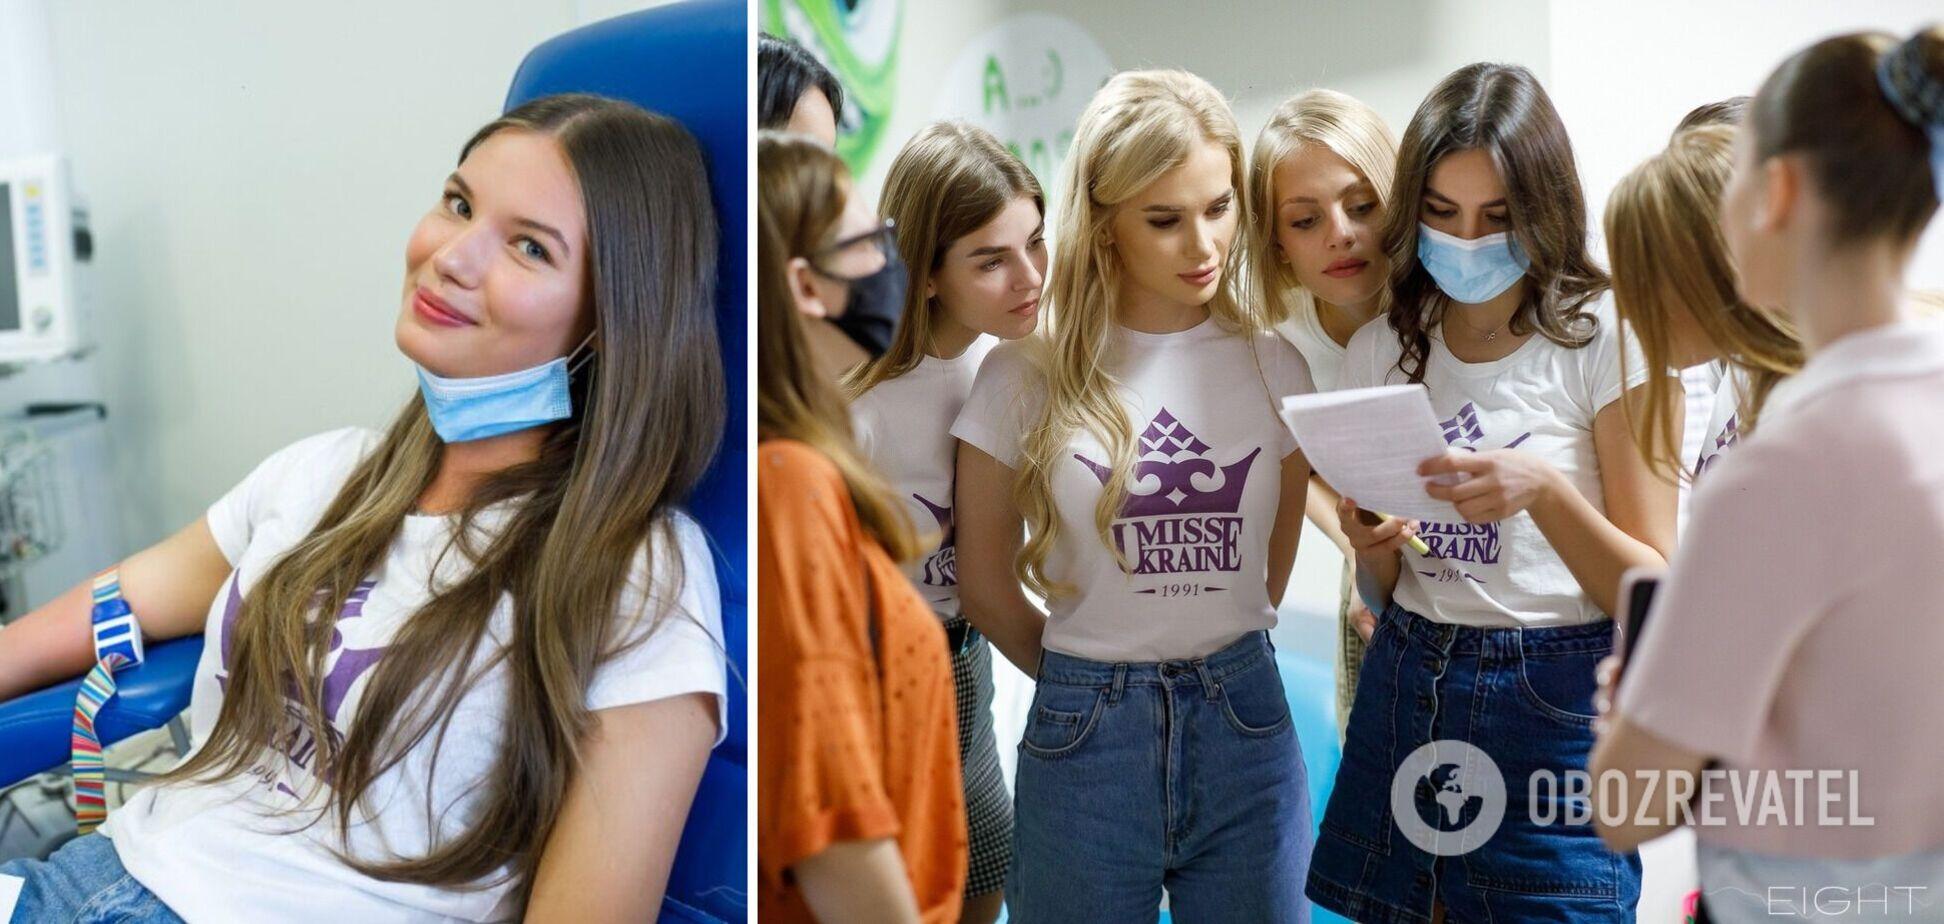 Представительницы конкурса 'Мисс Украина' стали донорами крови для детской больницы 'Охматдет'